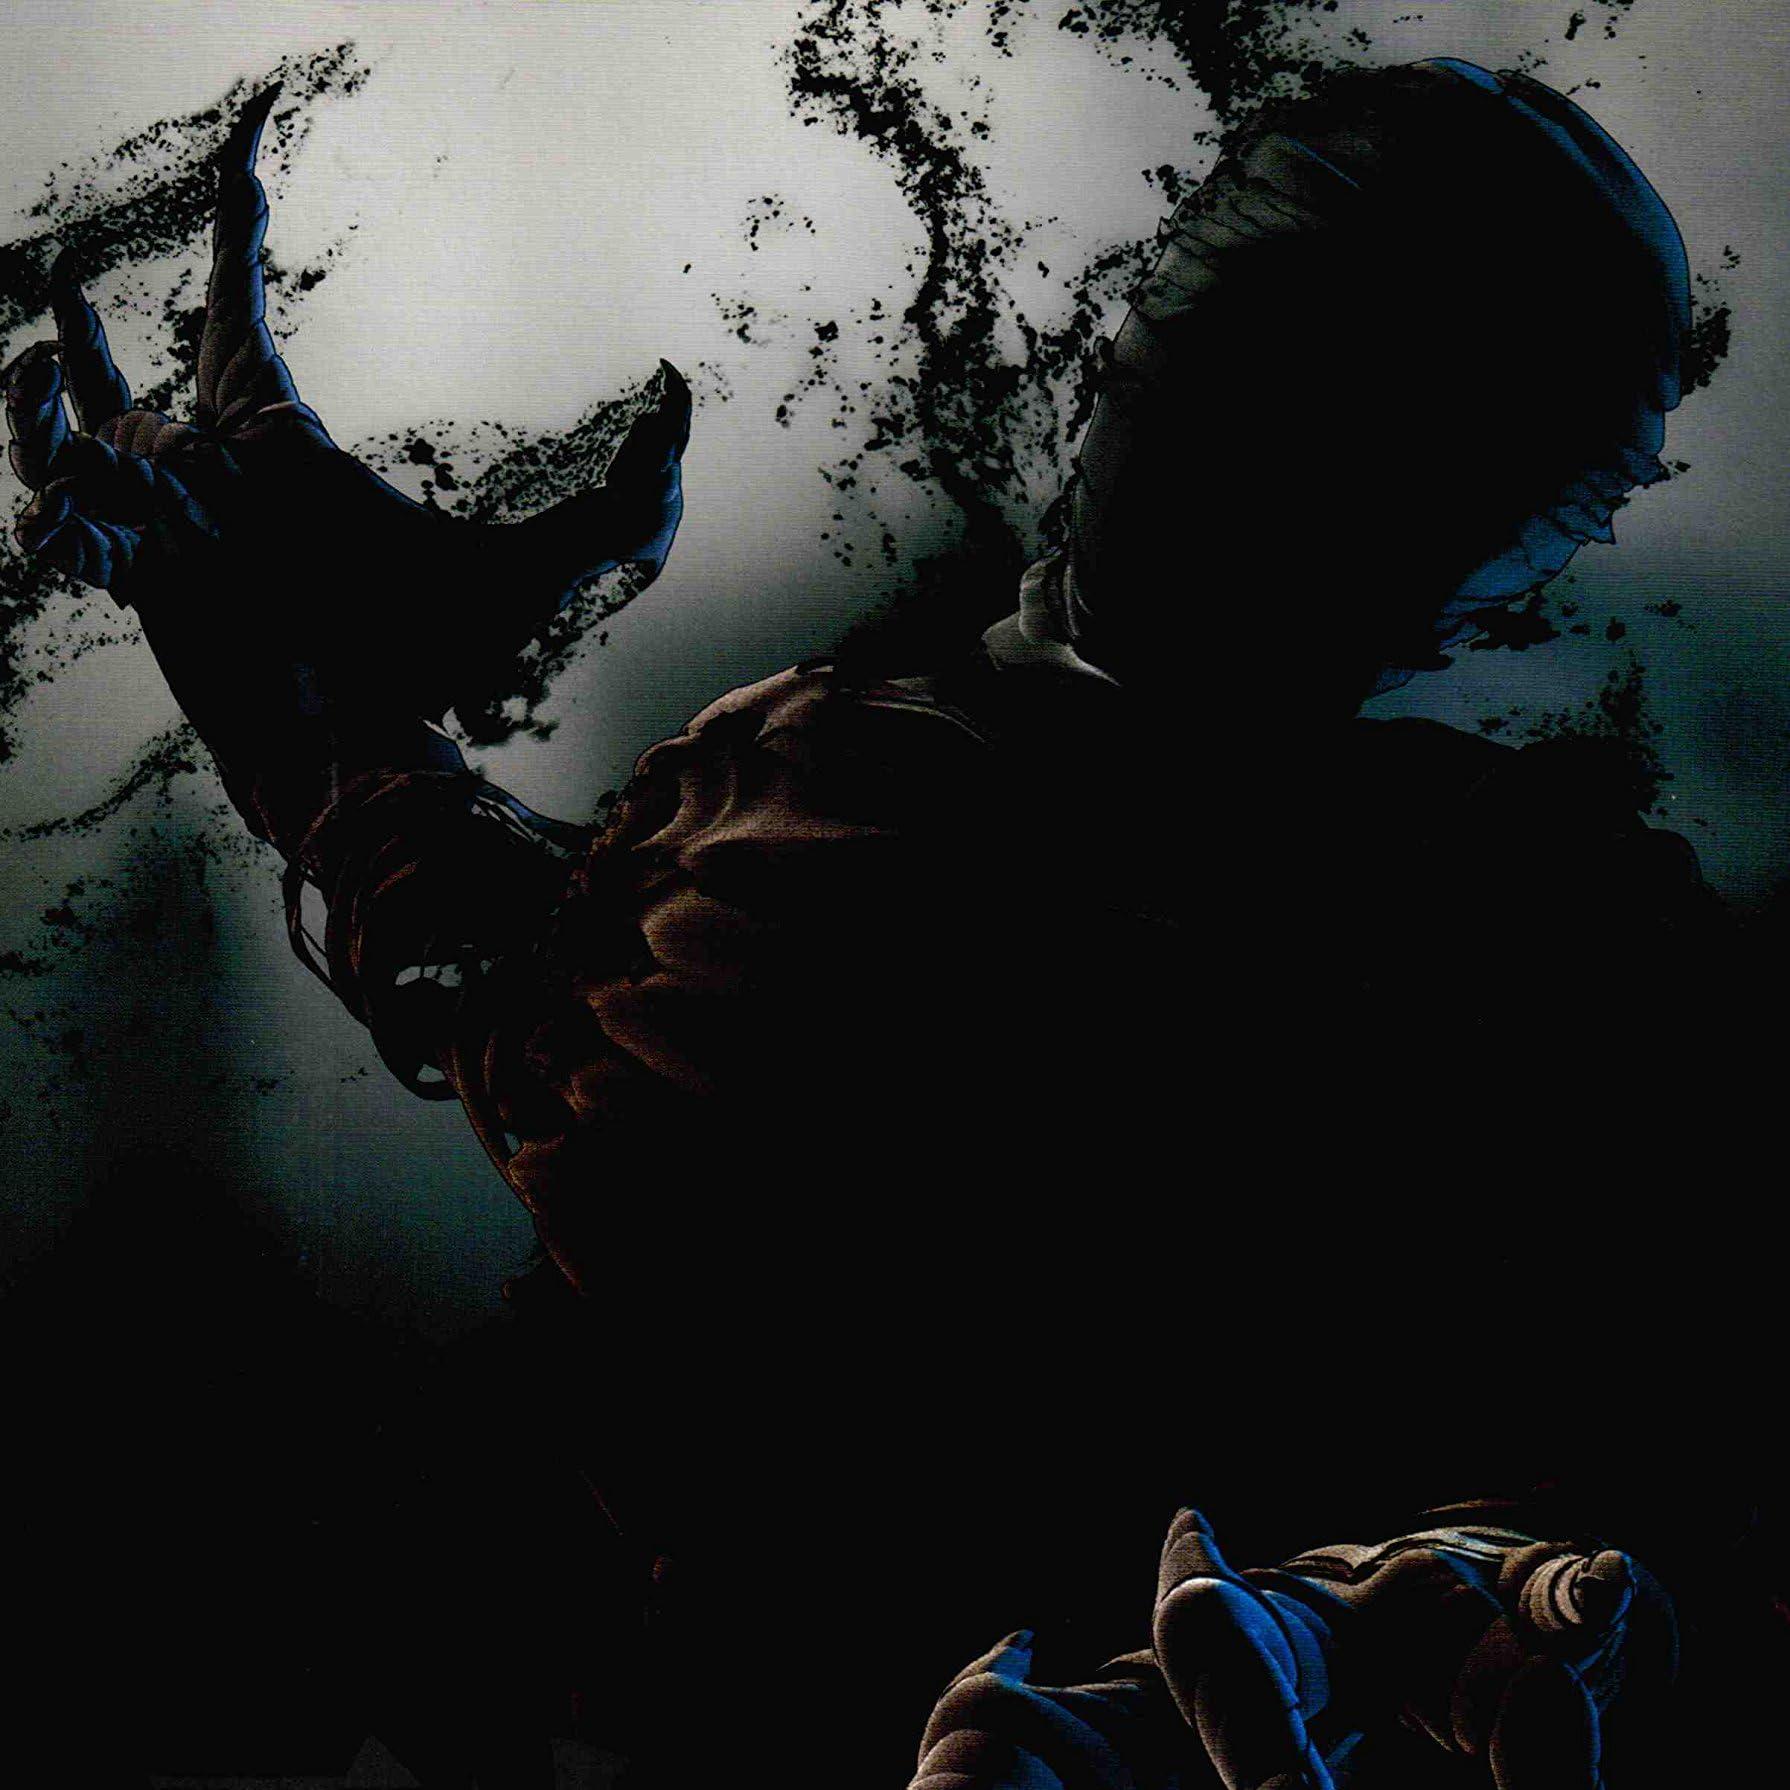 亜人 黒い幽霊 Ibm Ipad壁紙 画像4 スマポ